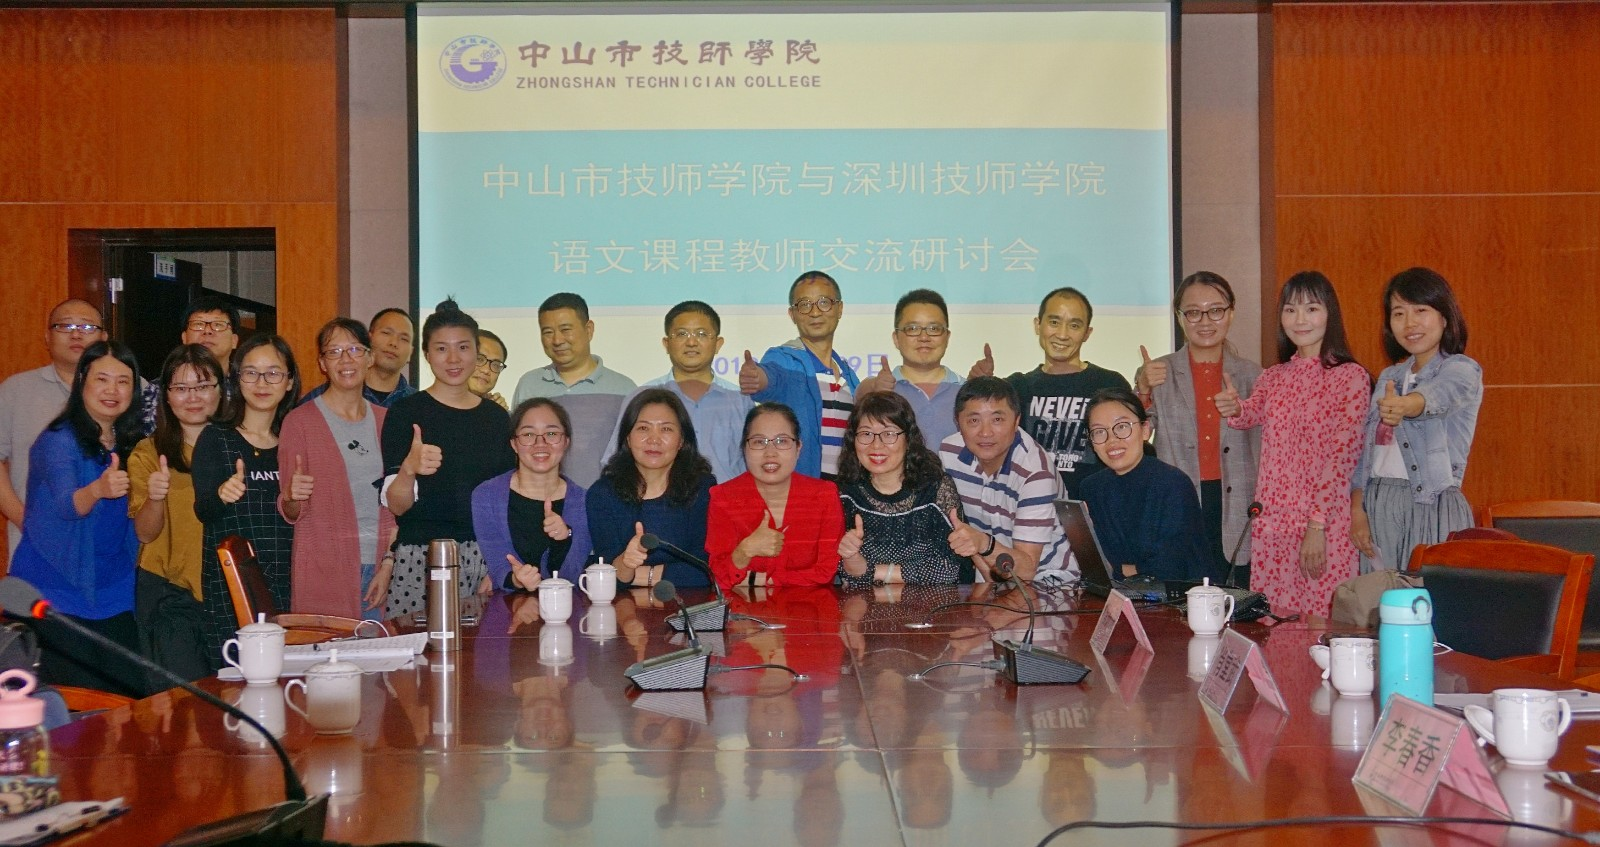 深圳技师学院与我院语文科组研讨会4.jpg